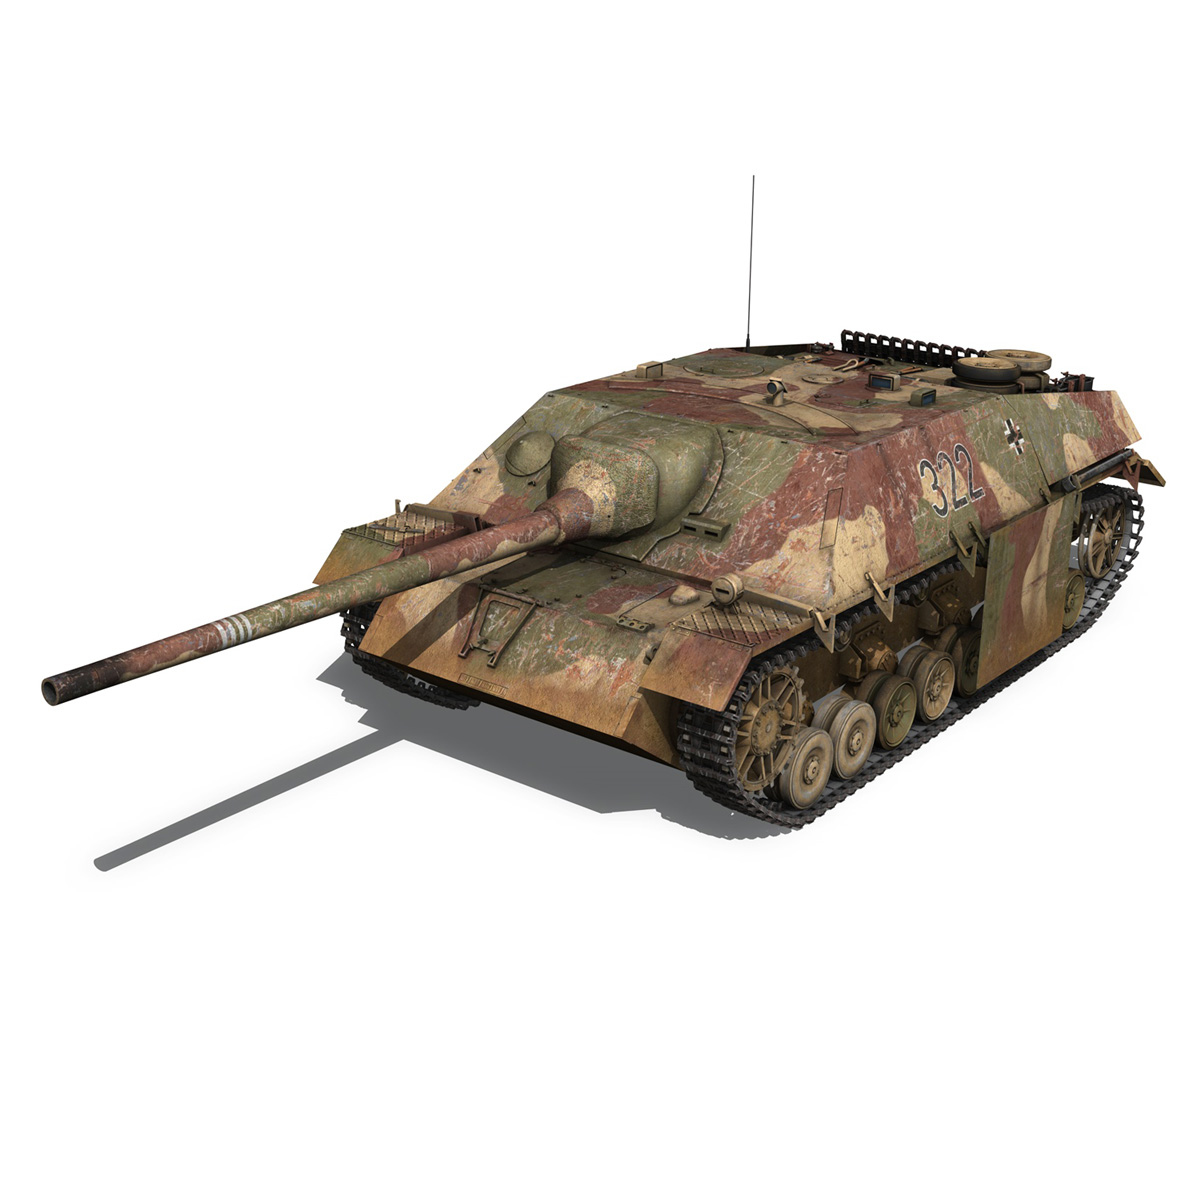 jagdpanzer iv l/70 (v) – 322 – late production 3d model 3ds fbx c4d lwo obj 282347